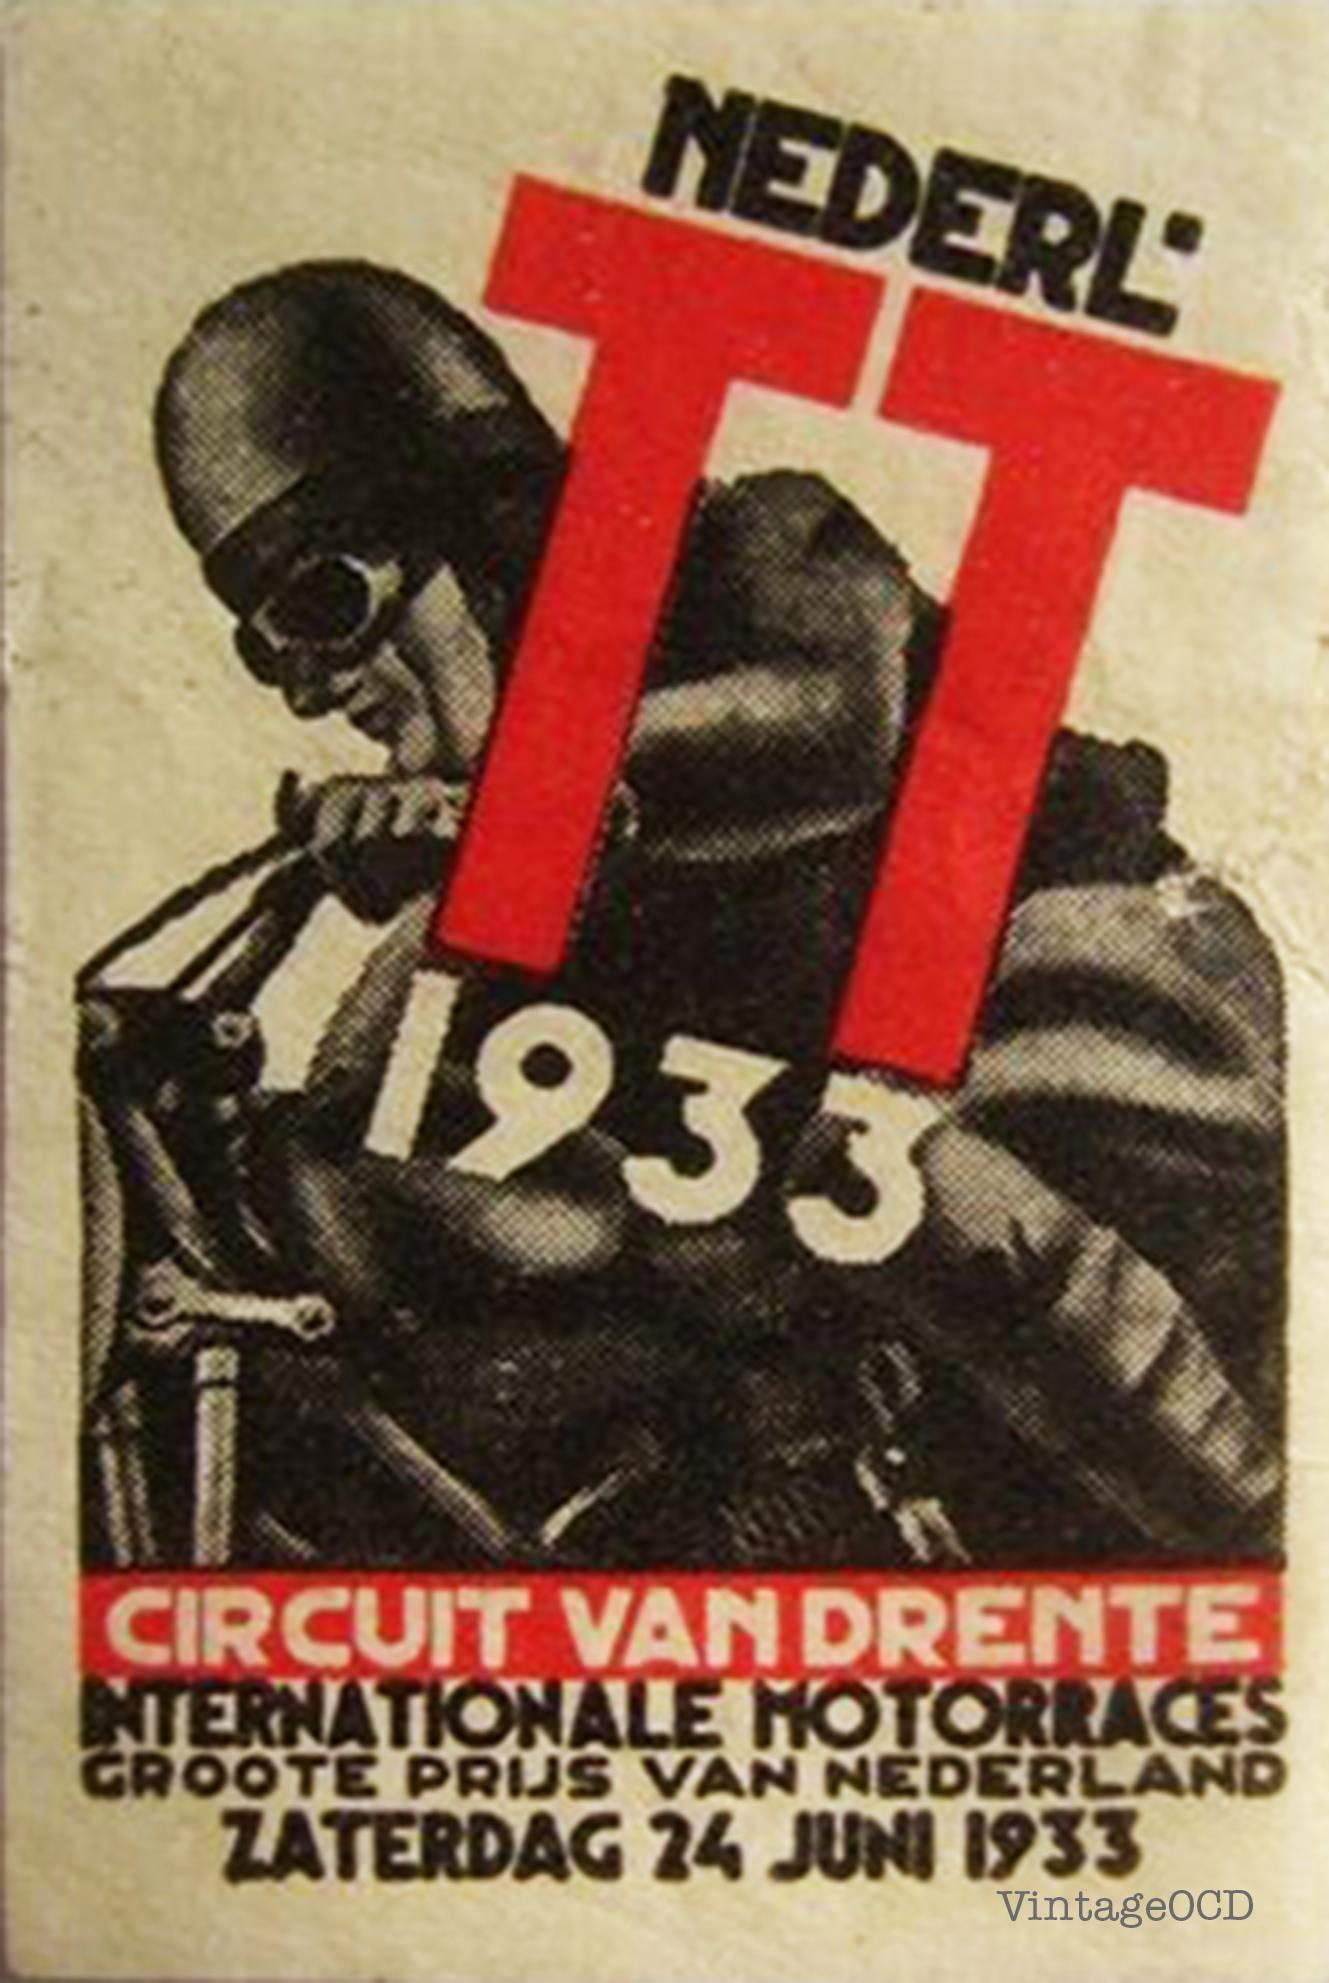 Vintage Motorcycle Racing Posters 102